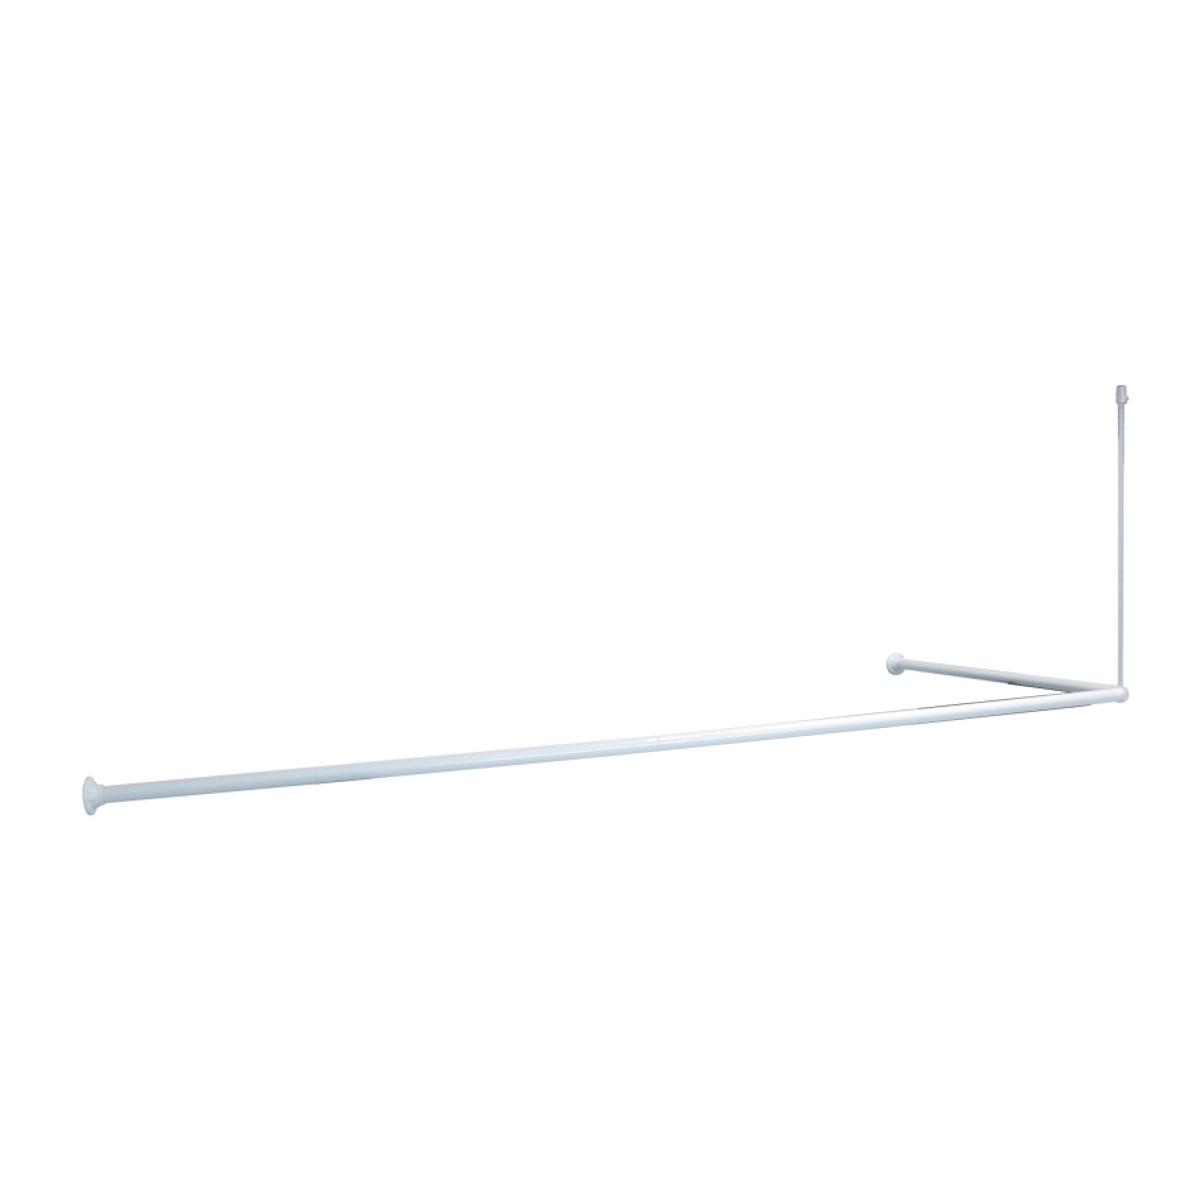 Карниз для ванной Iddis, угловой, цвет: белый040A200I14Угловой 90*90*90(90*180)см, покрытый белым ПВХ, алюминиевый карниз. Диаметр трубки 25мм, толщина трубки 0,5мм, с креплением к потолку